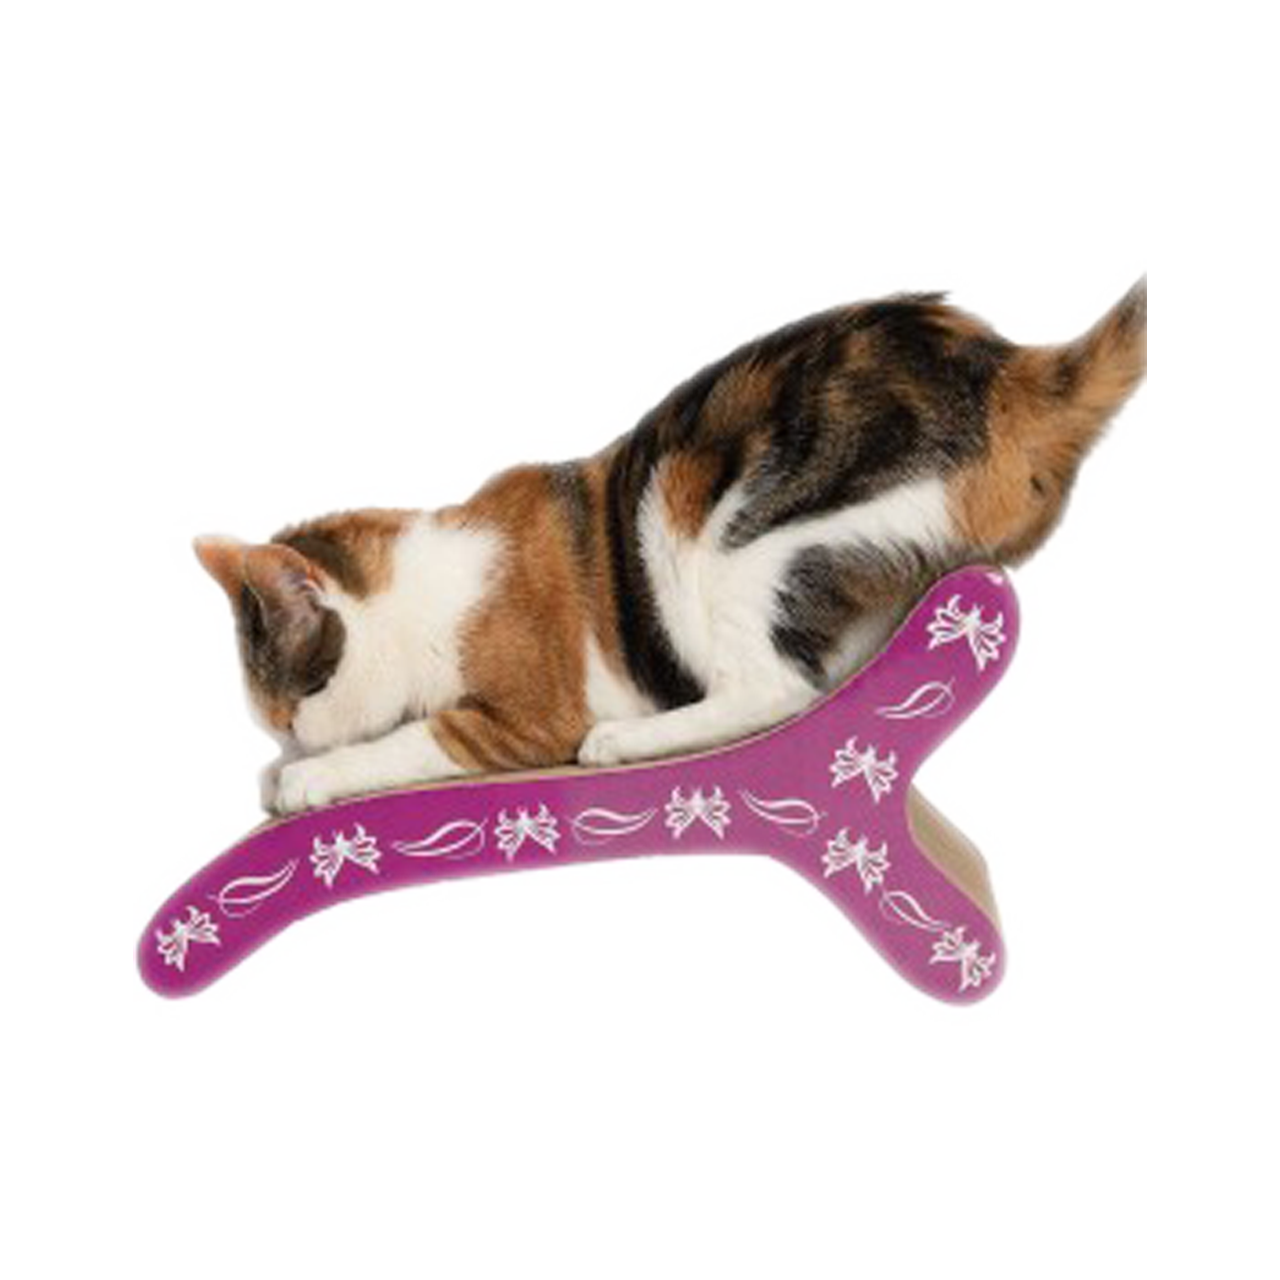 Gato utilizando rascador horizontal tipo silla con detalles morados y estampado de mariposa Rascador Silla Catit Mariposa para gatos